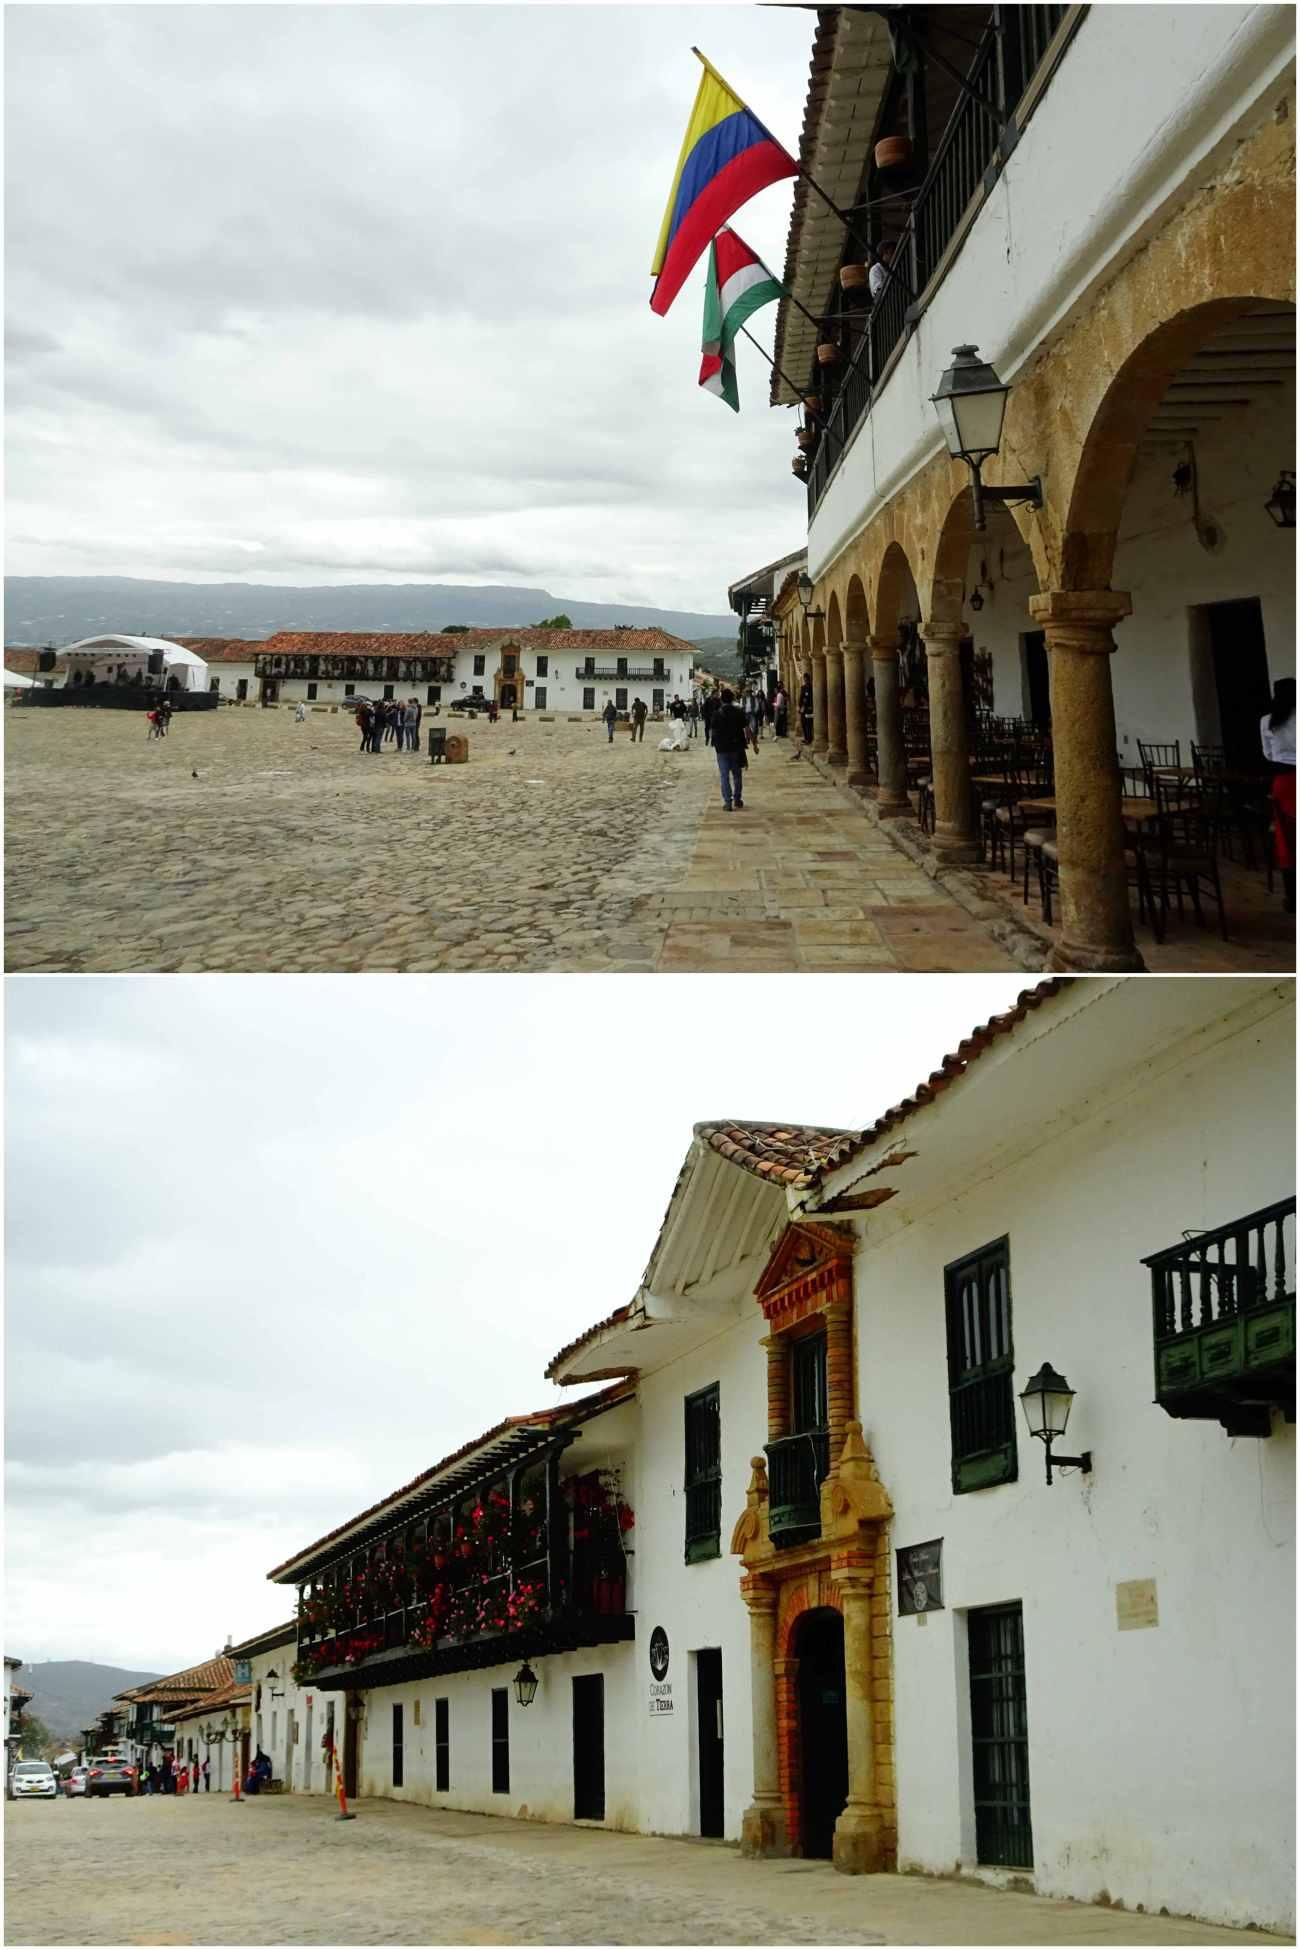 Plaza1 villa de leyva